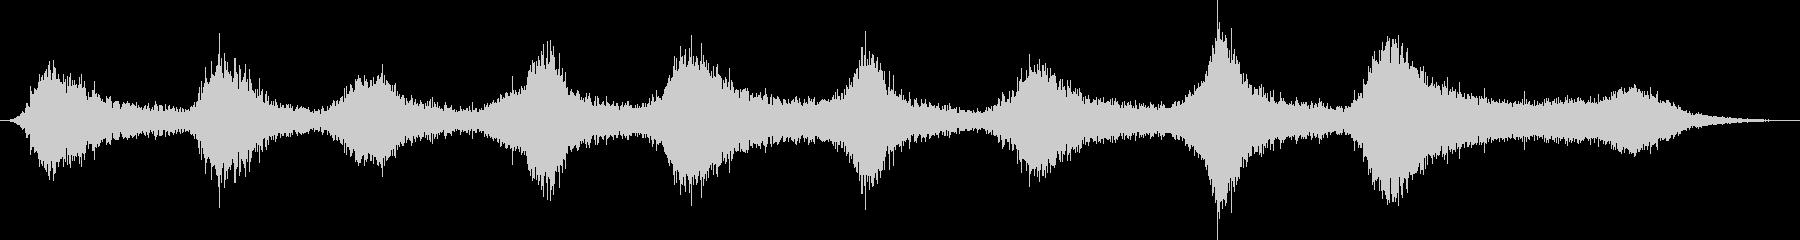 ピアノ:コンスタントヘビーストリン...の未再生の波形